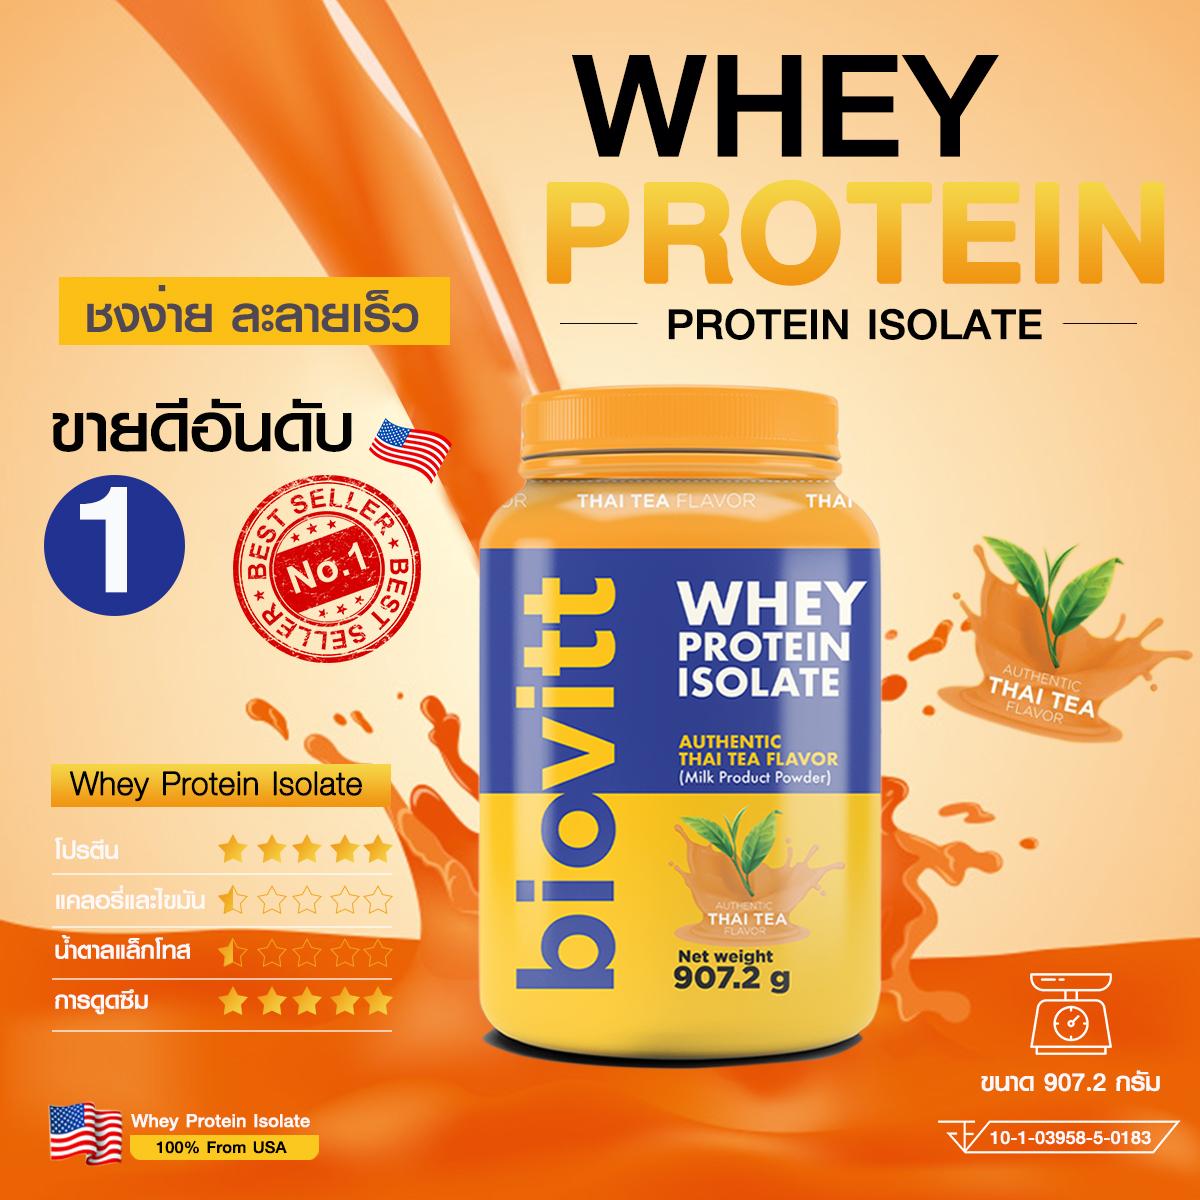 biovitt Whey Protein Isolate Thai Tea Flavor - ไบโอวิต เวย์โปรตีน ไอโซเลท รส ชาไทย (907.2 กรัม)